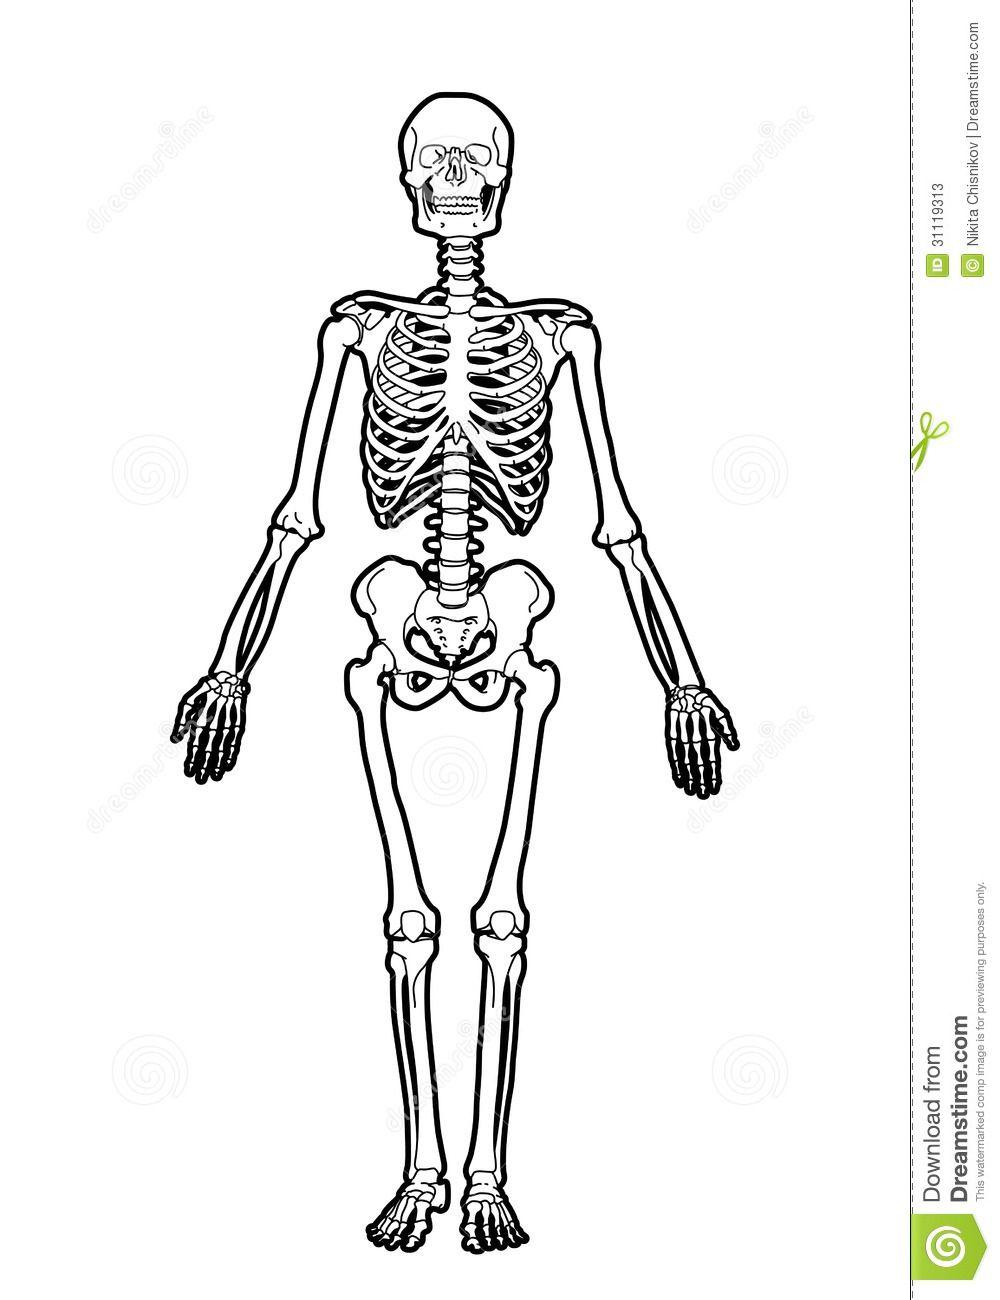 Resultado de imagem para esqueleto humano | IMAGENS - CIÊNCIAS ...